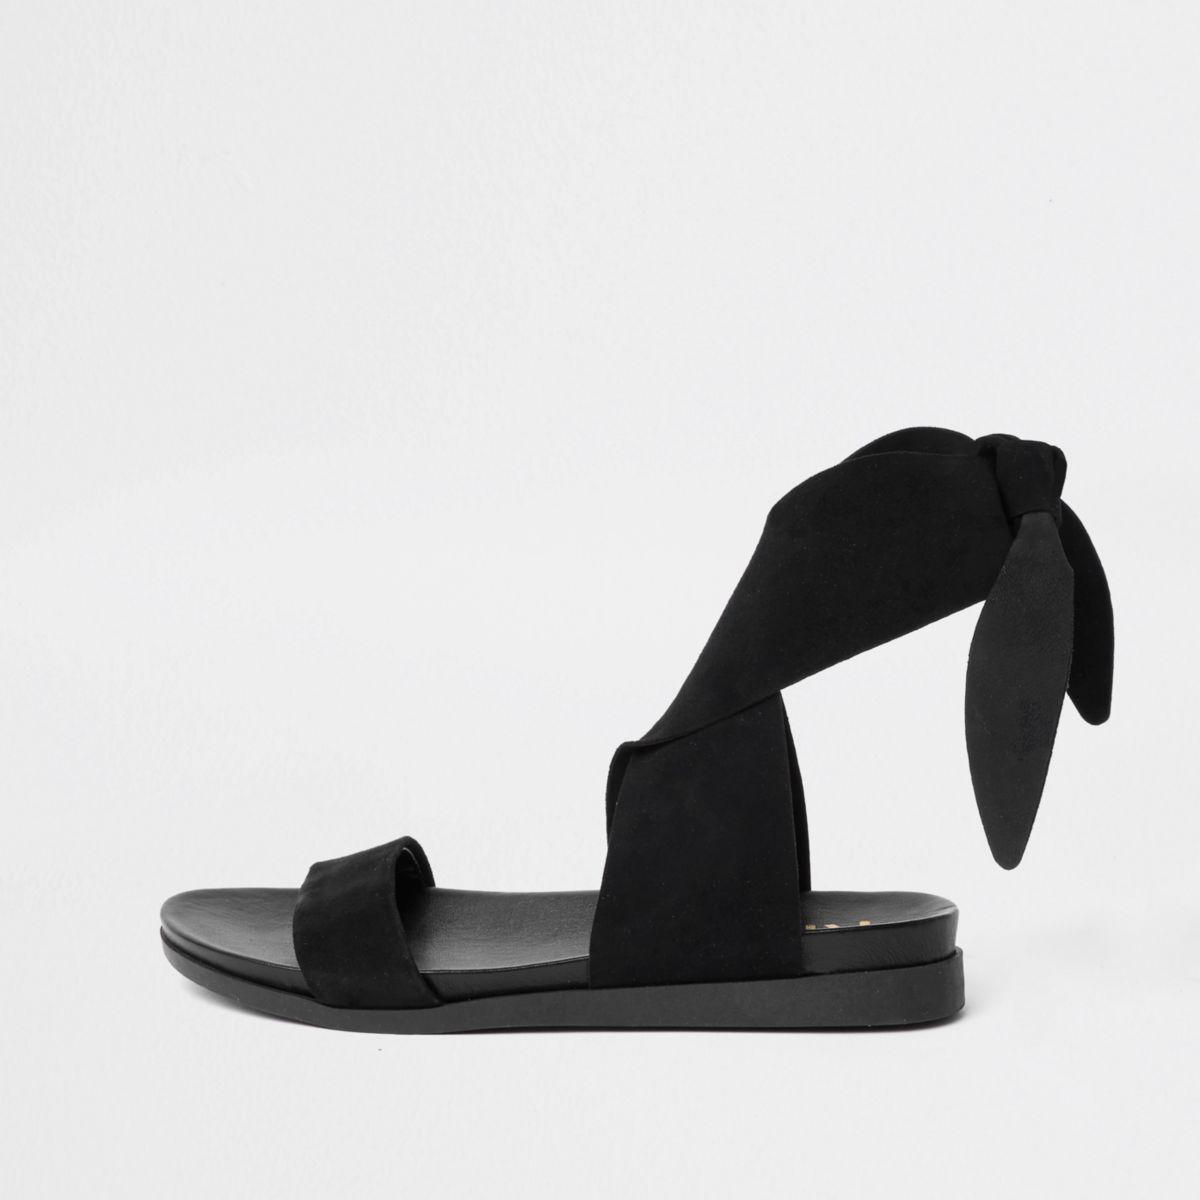 Zwarte suède sandalen met vetersluiting